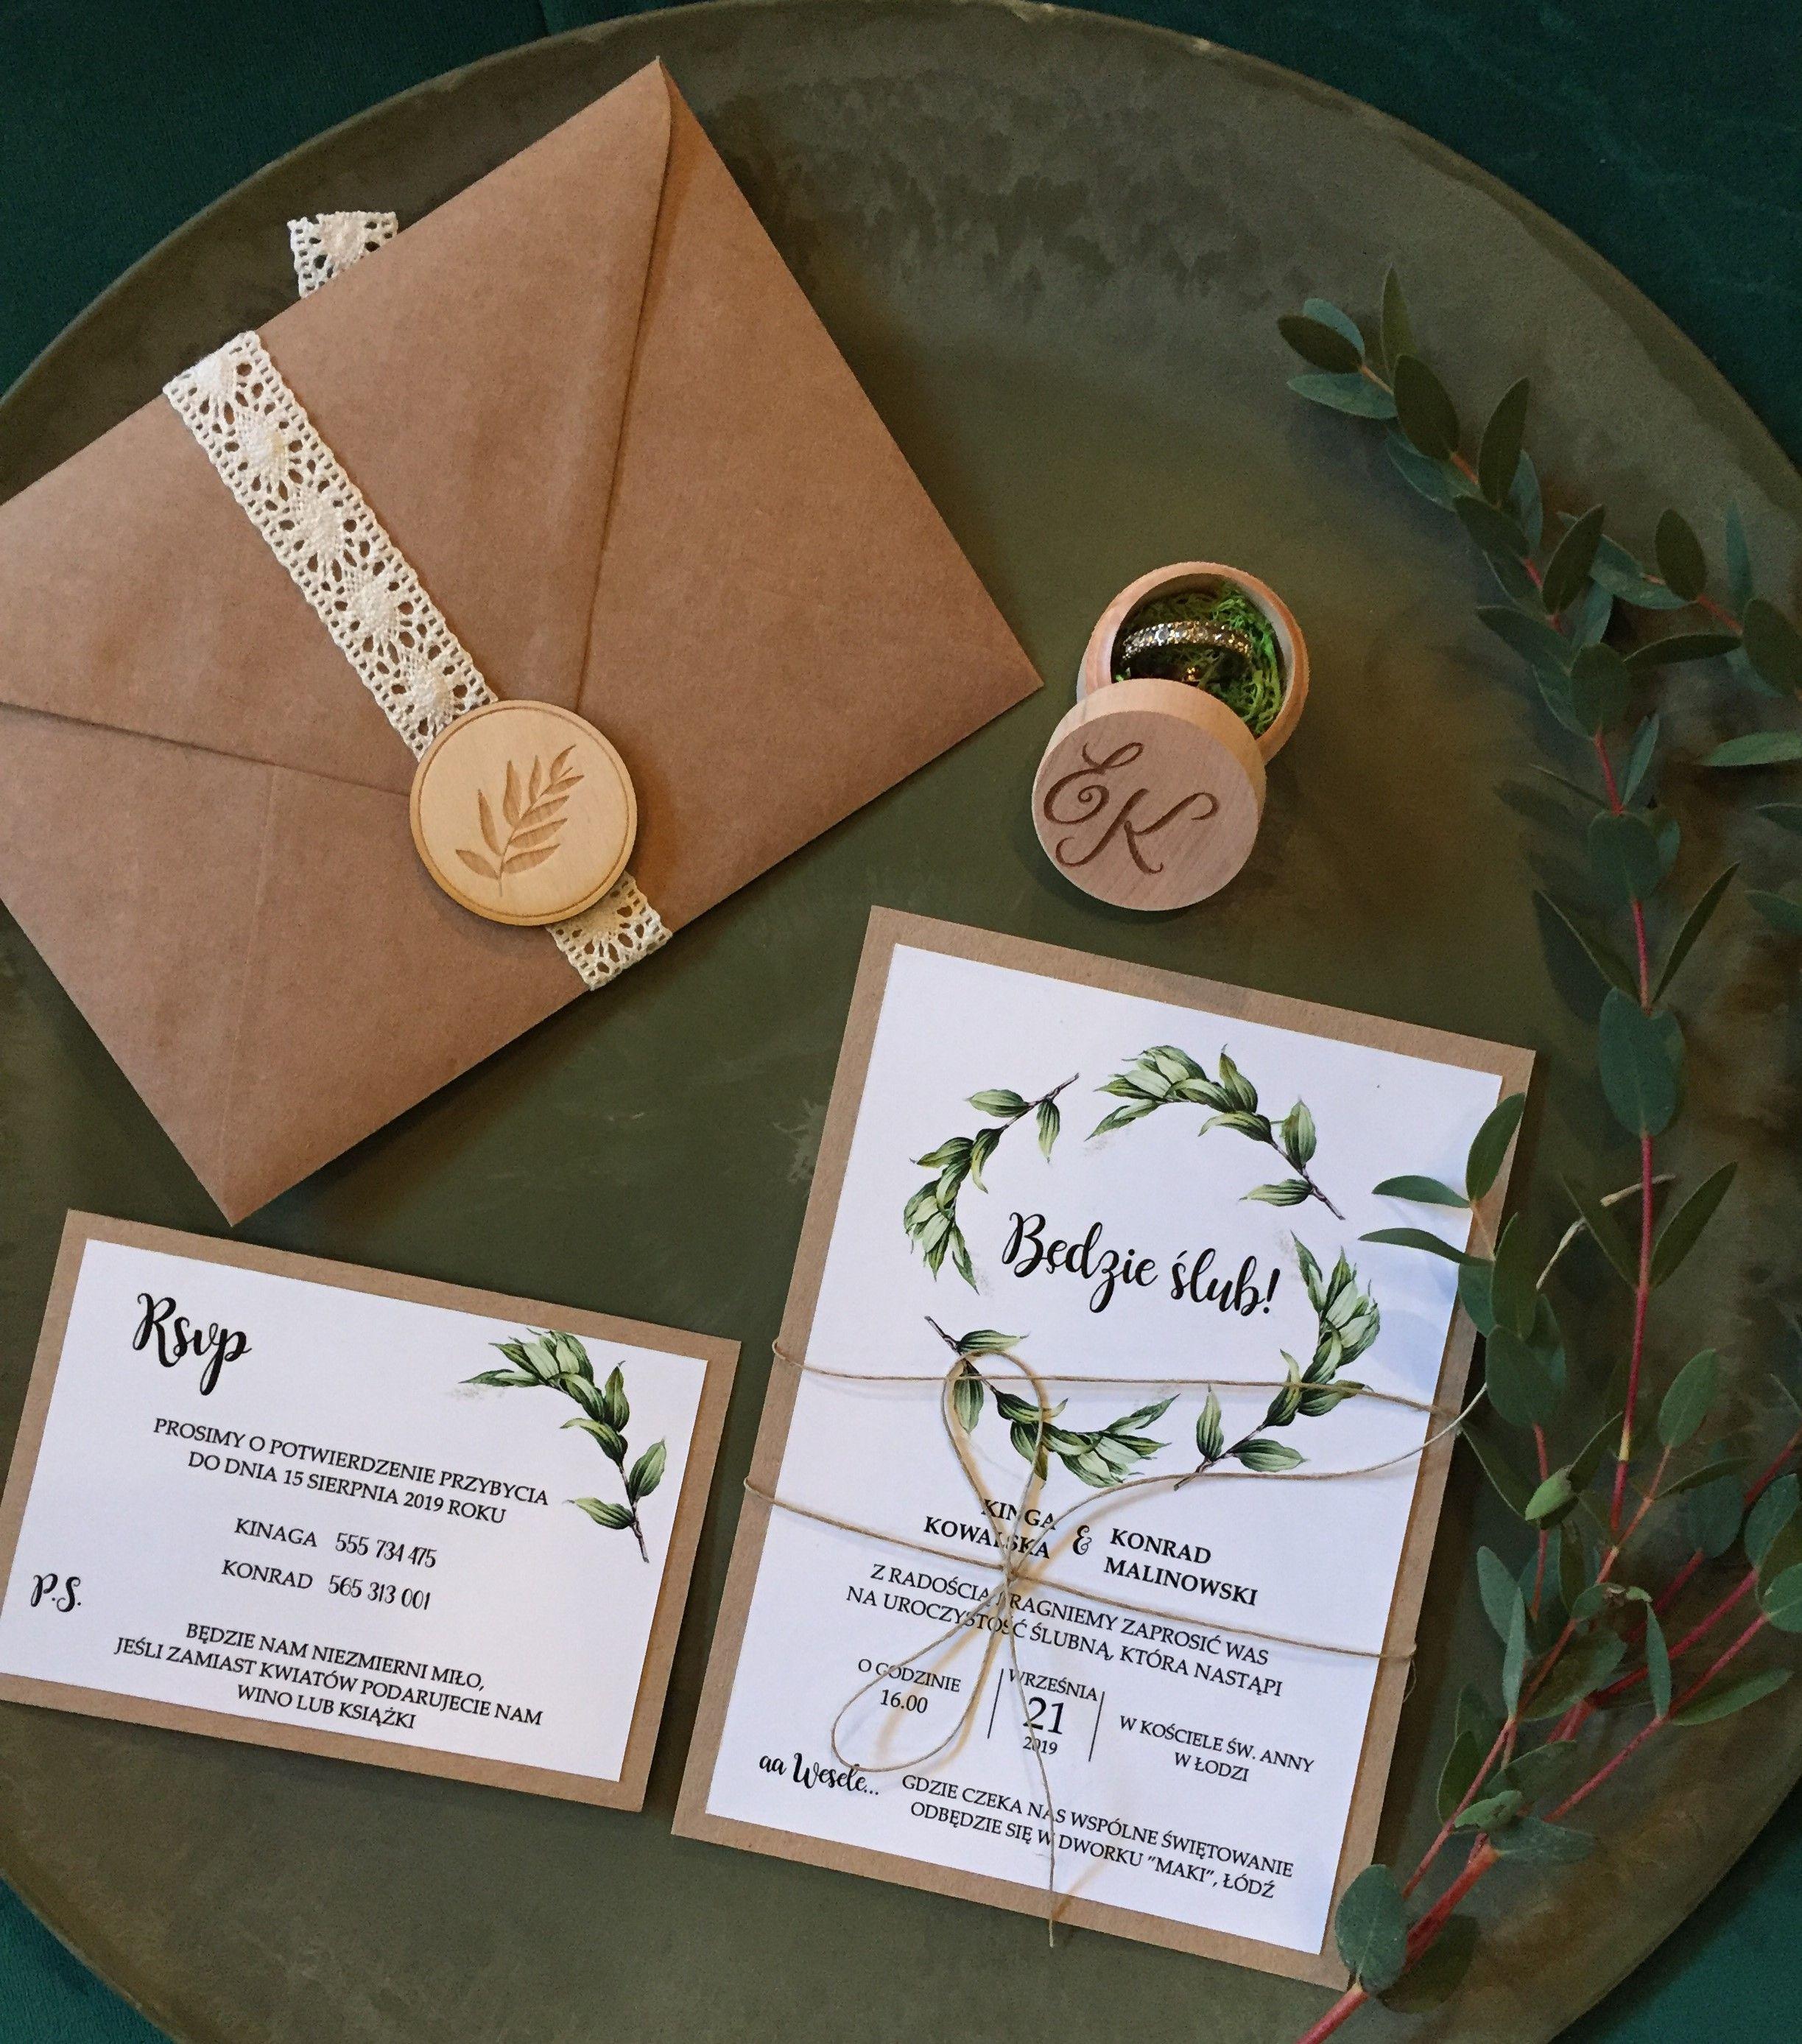 Zaproszenia Slubne Zaproszenia Rustykalne Boho Wedding Invitations Boho Rustic Wykonujemy Pelna Rustic Wedding Wedding Decorations Wedding Inspiration